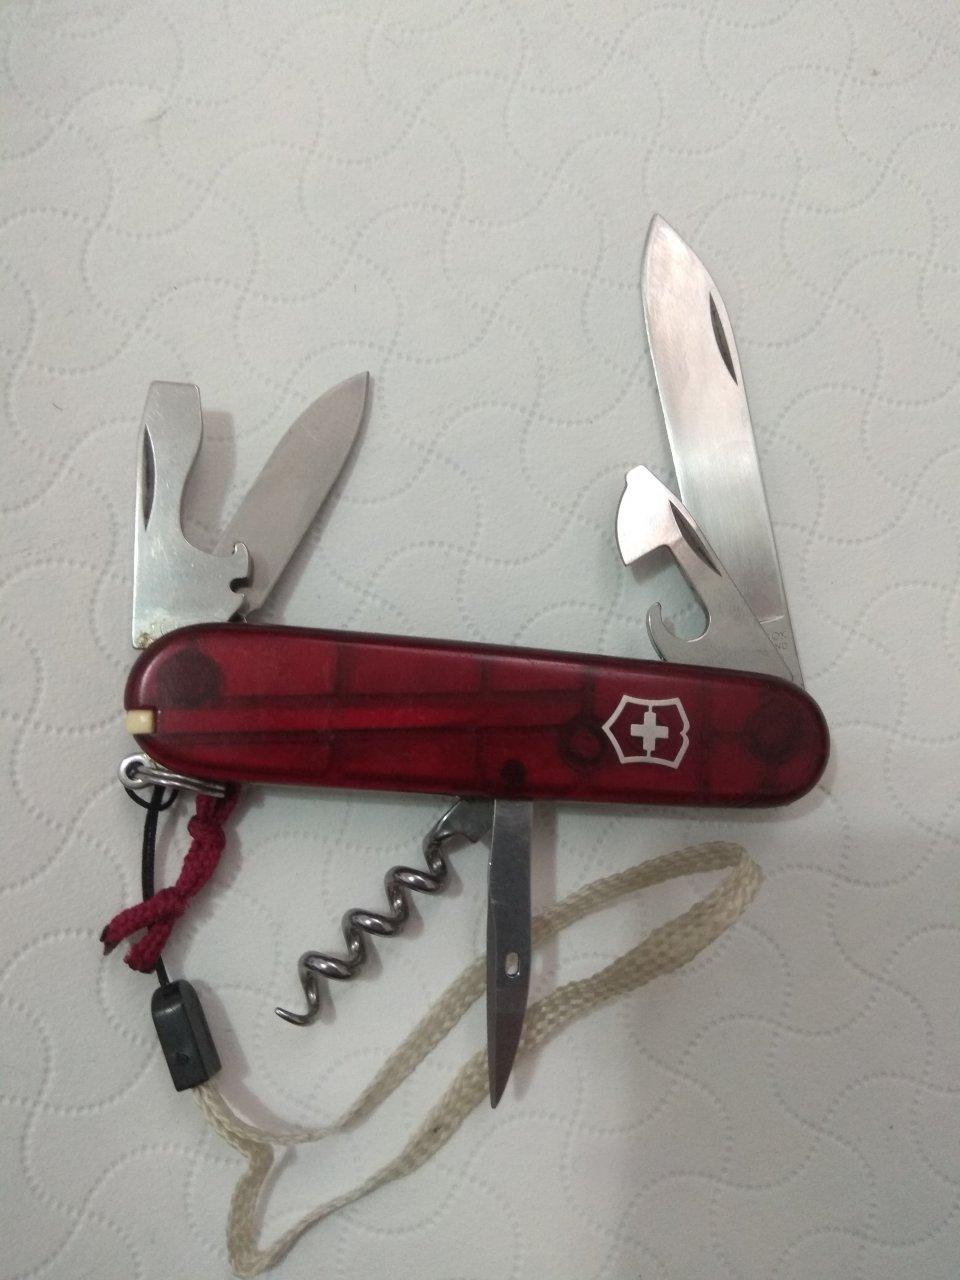 چاقوی سوئیسی شش کارە اصل